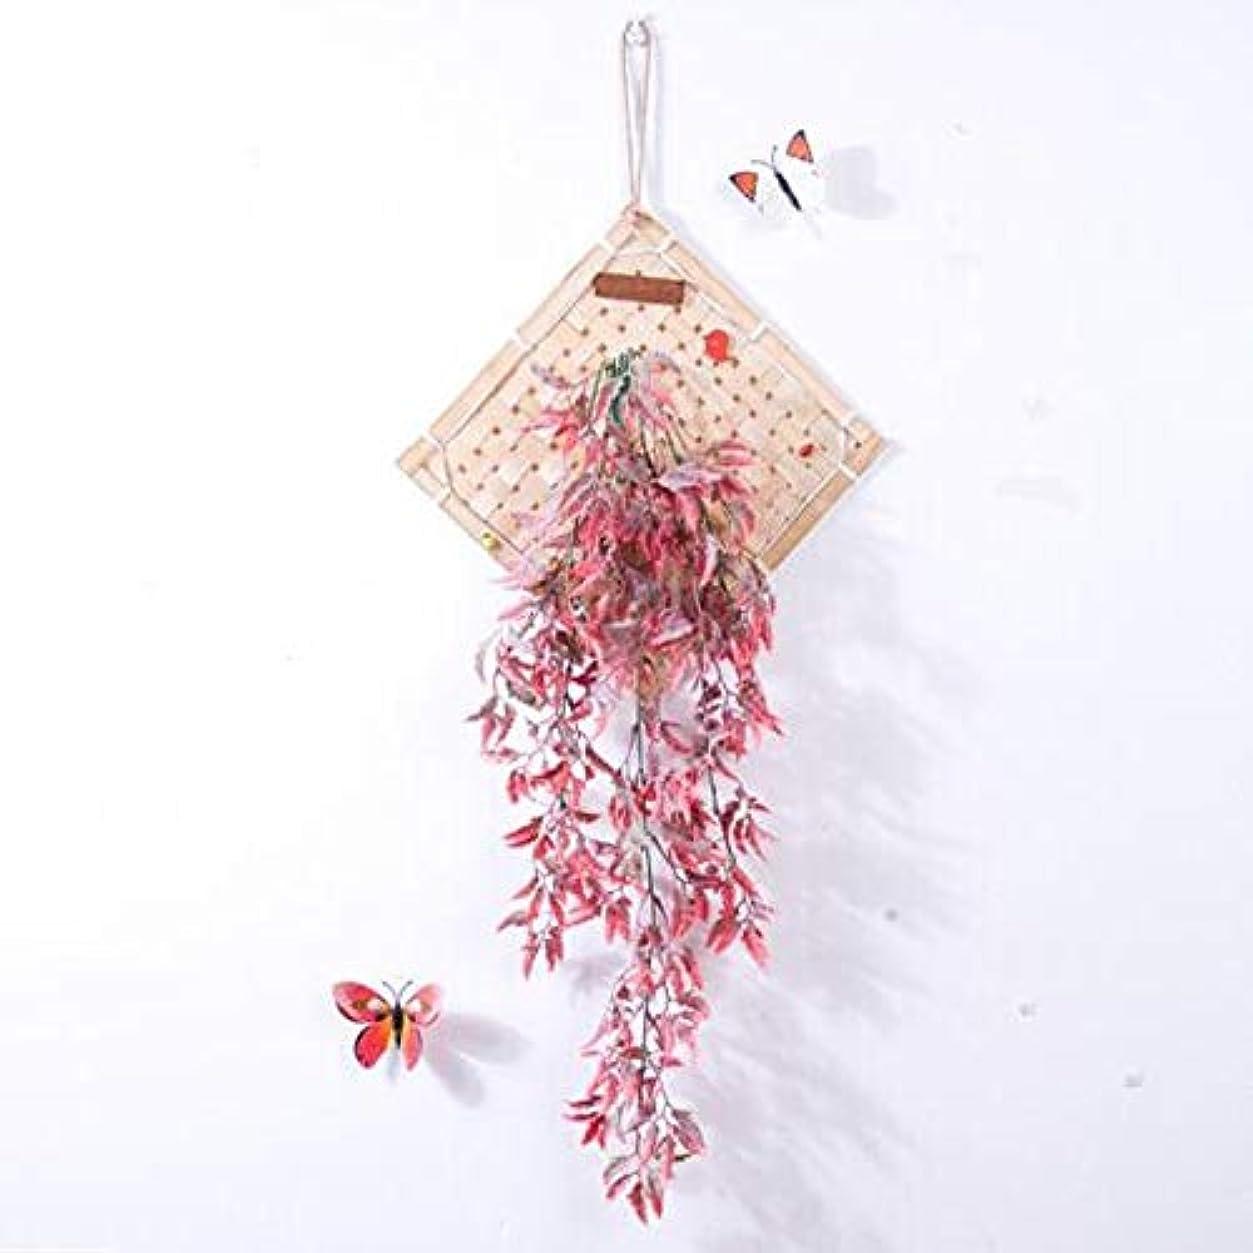 レッスン容量忌避剤Aishanghuayi 風チャイム、クリエイティブ?竹ホームデコレーション風チャイム、パープル、幅38.5CM,ファッションオーナメント (Color : Pink)